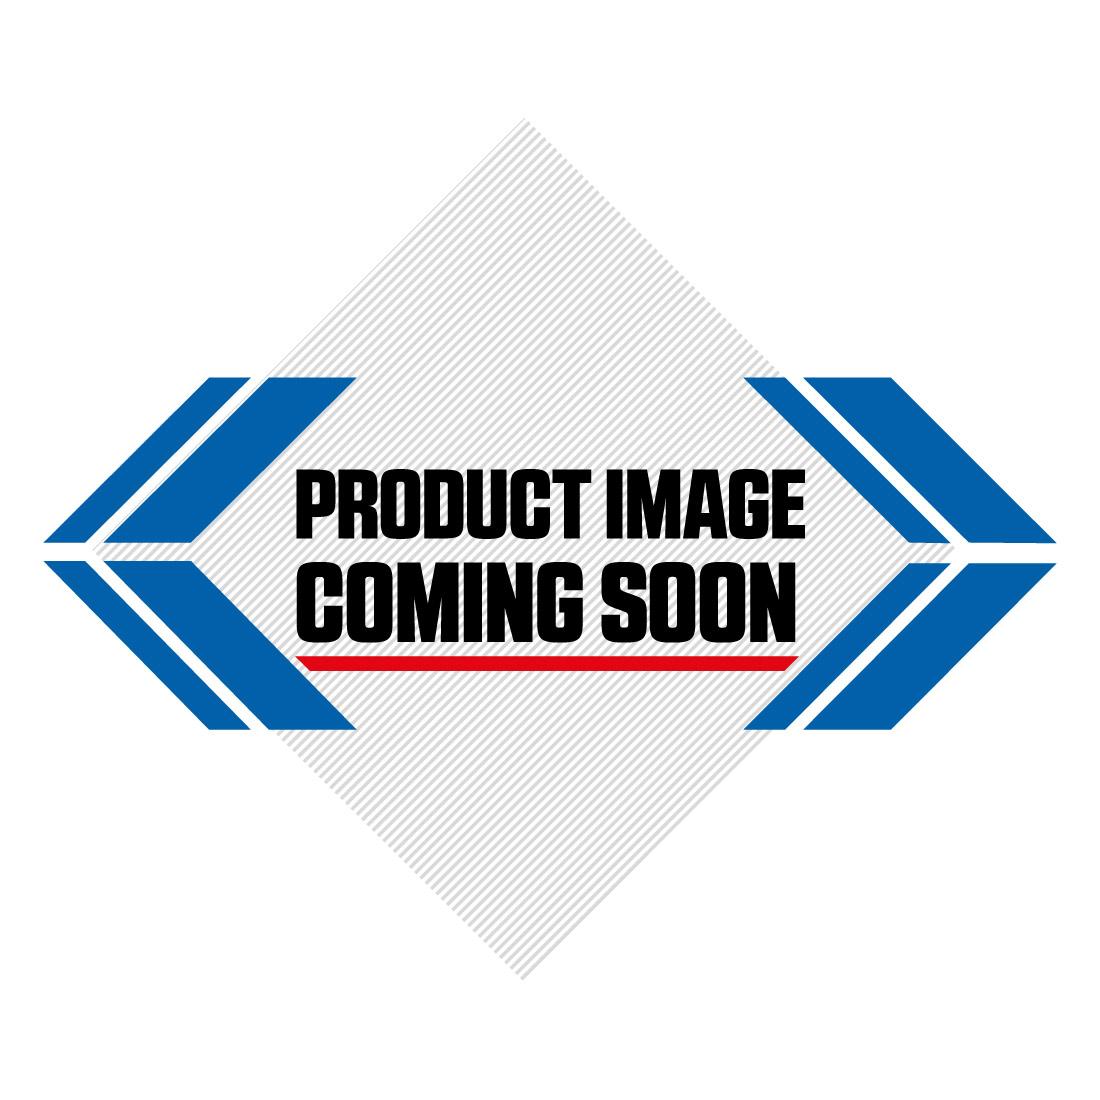 UFO Plastic Kit Husqvarna OEM Factory Image-2